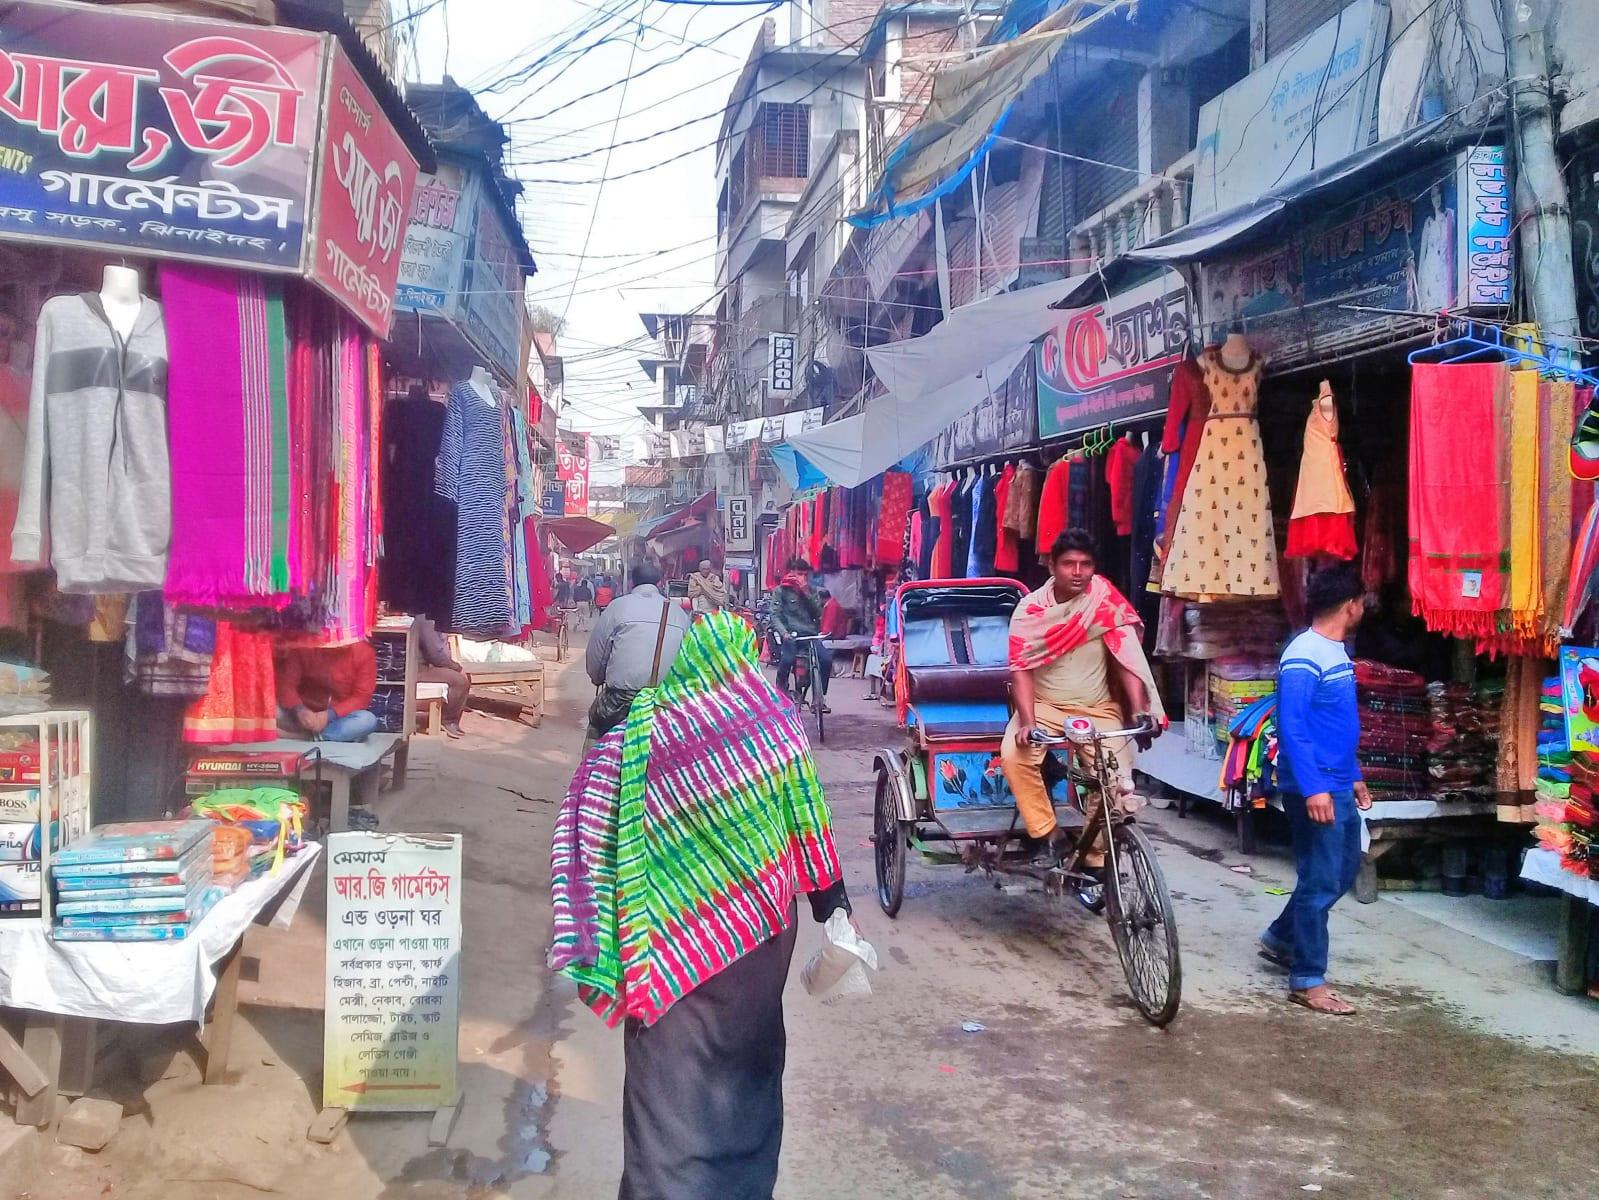 Pohled do bangladéšské ulice, Dháka, Bangladéš